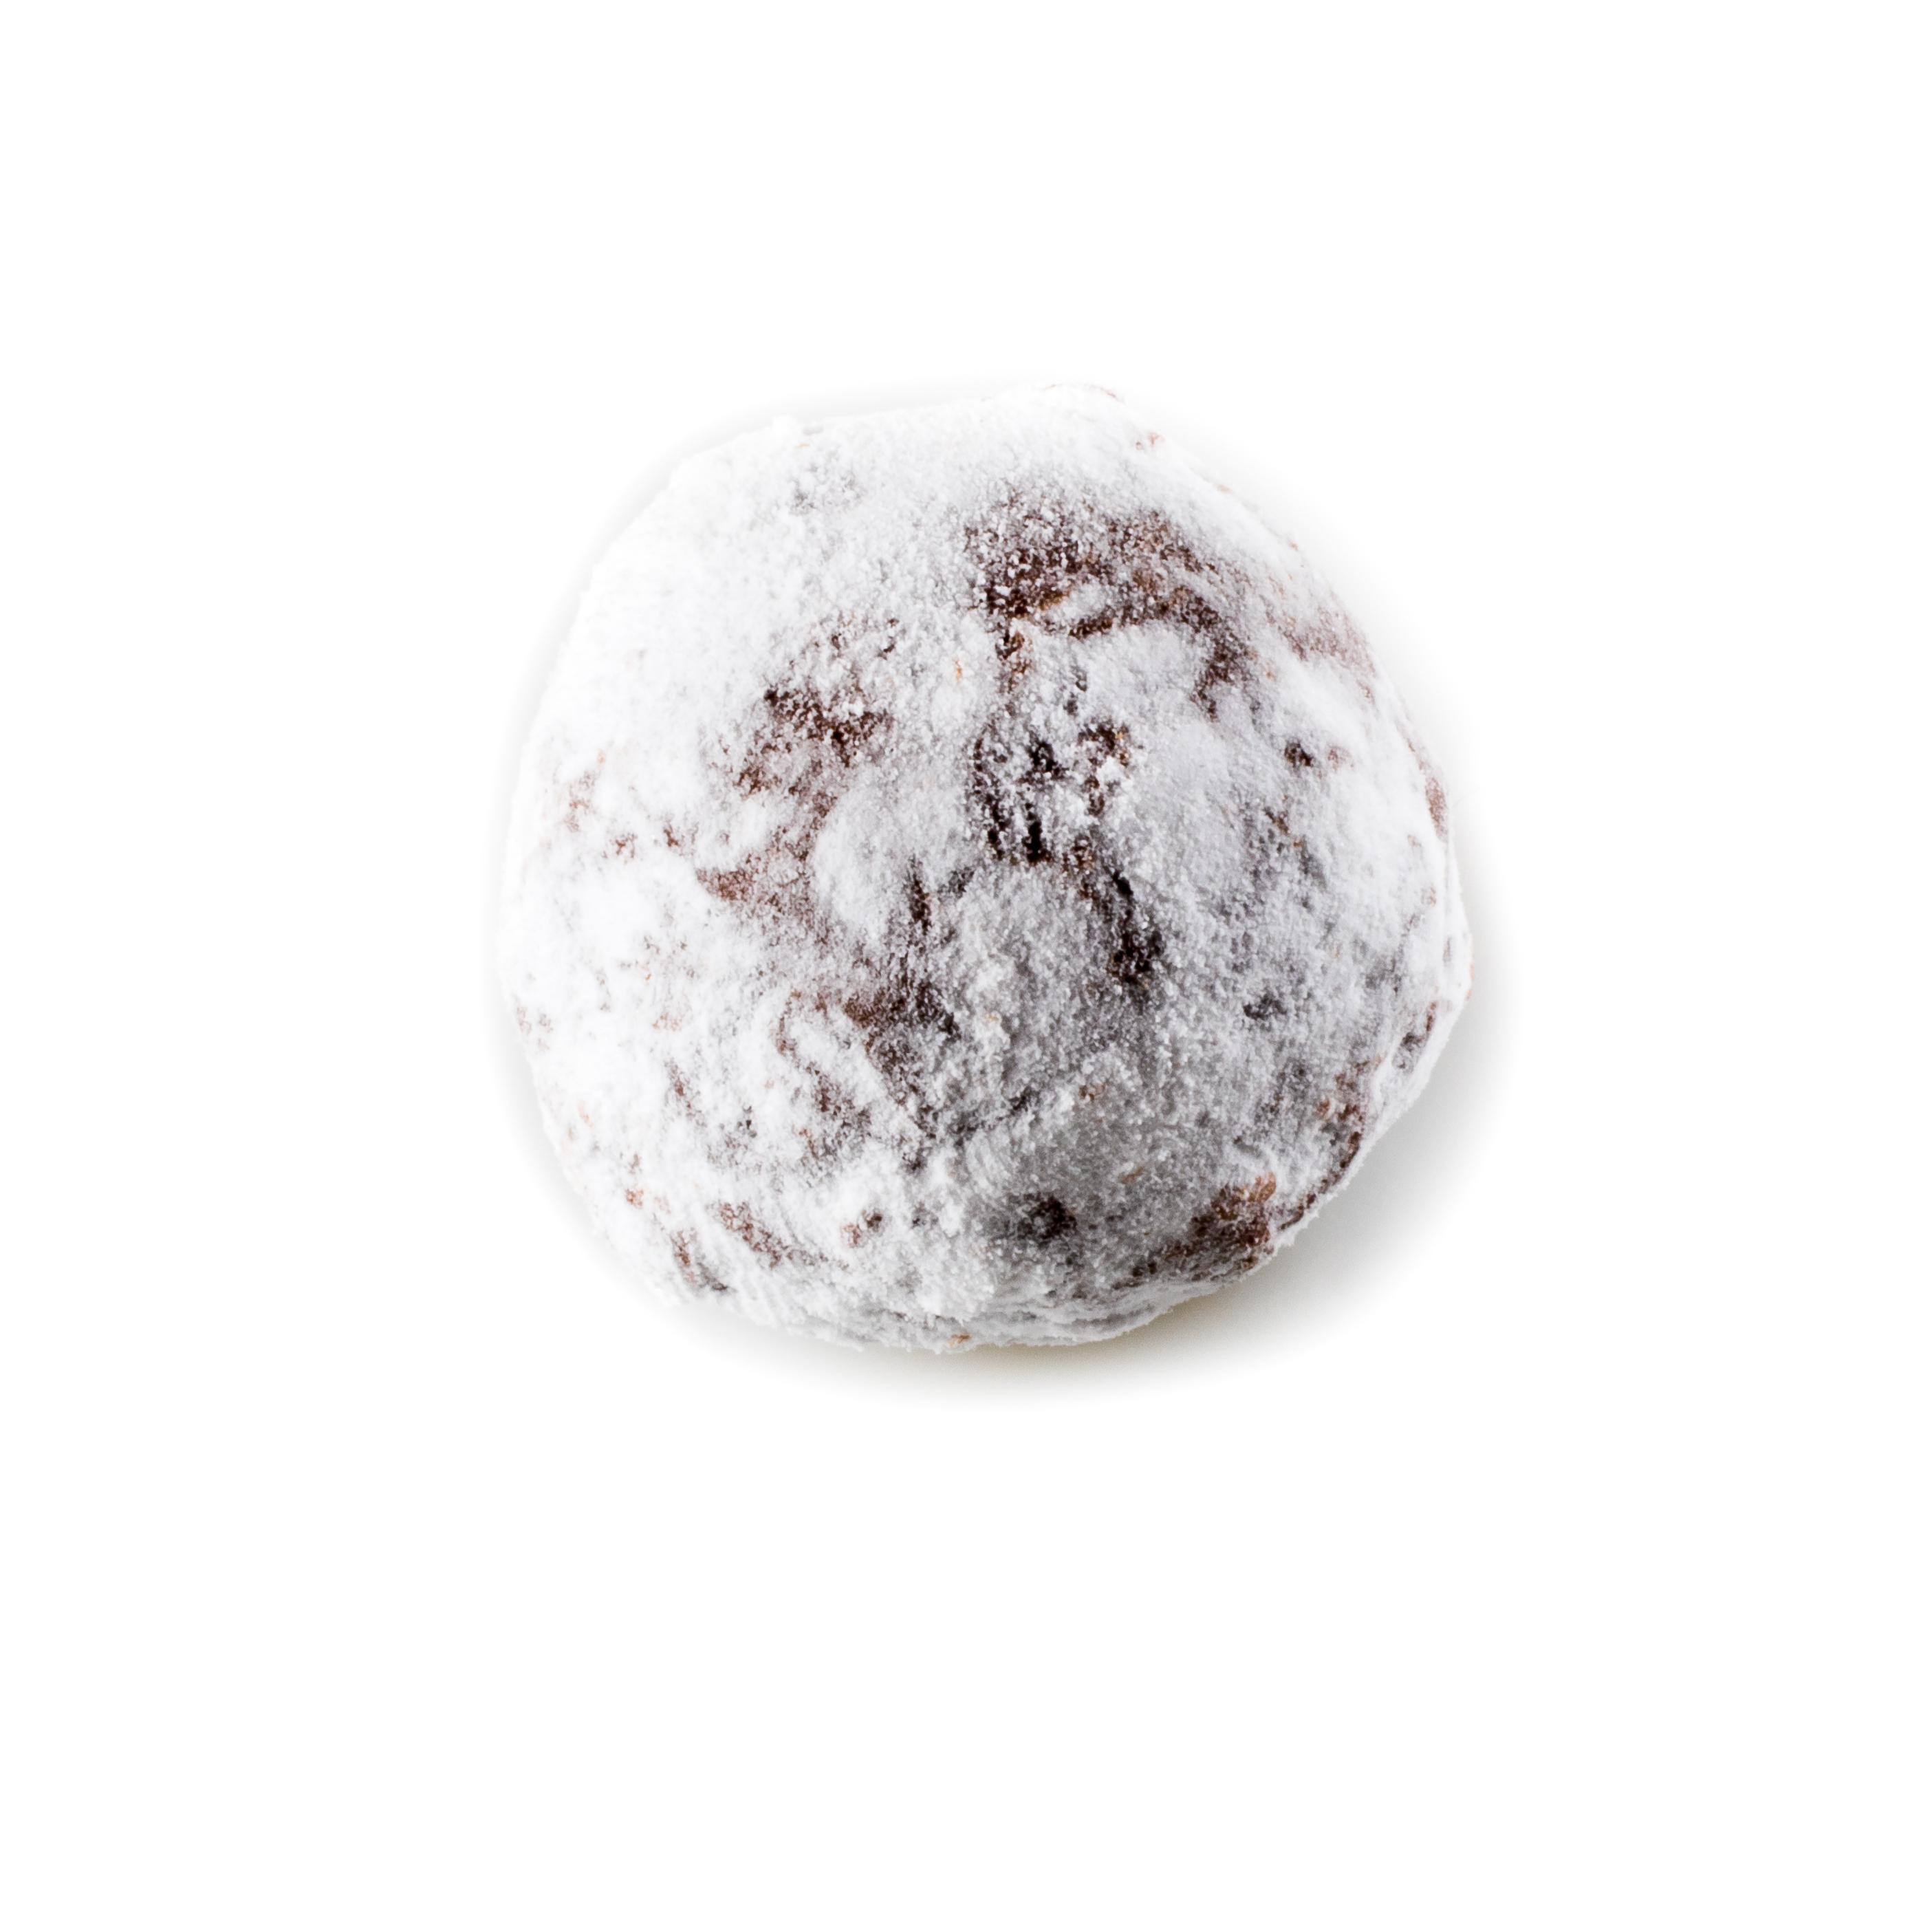 Caramel des neiges